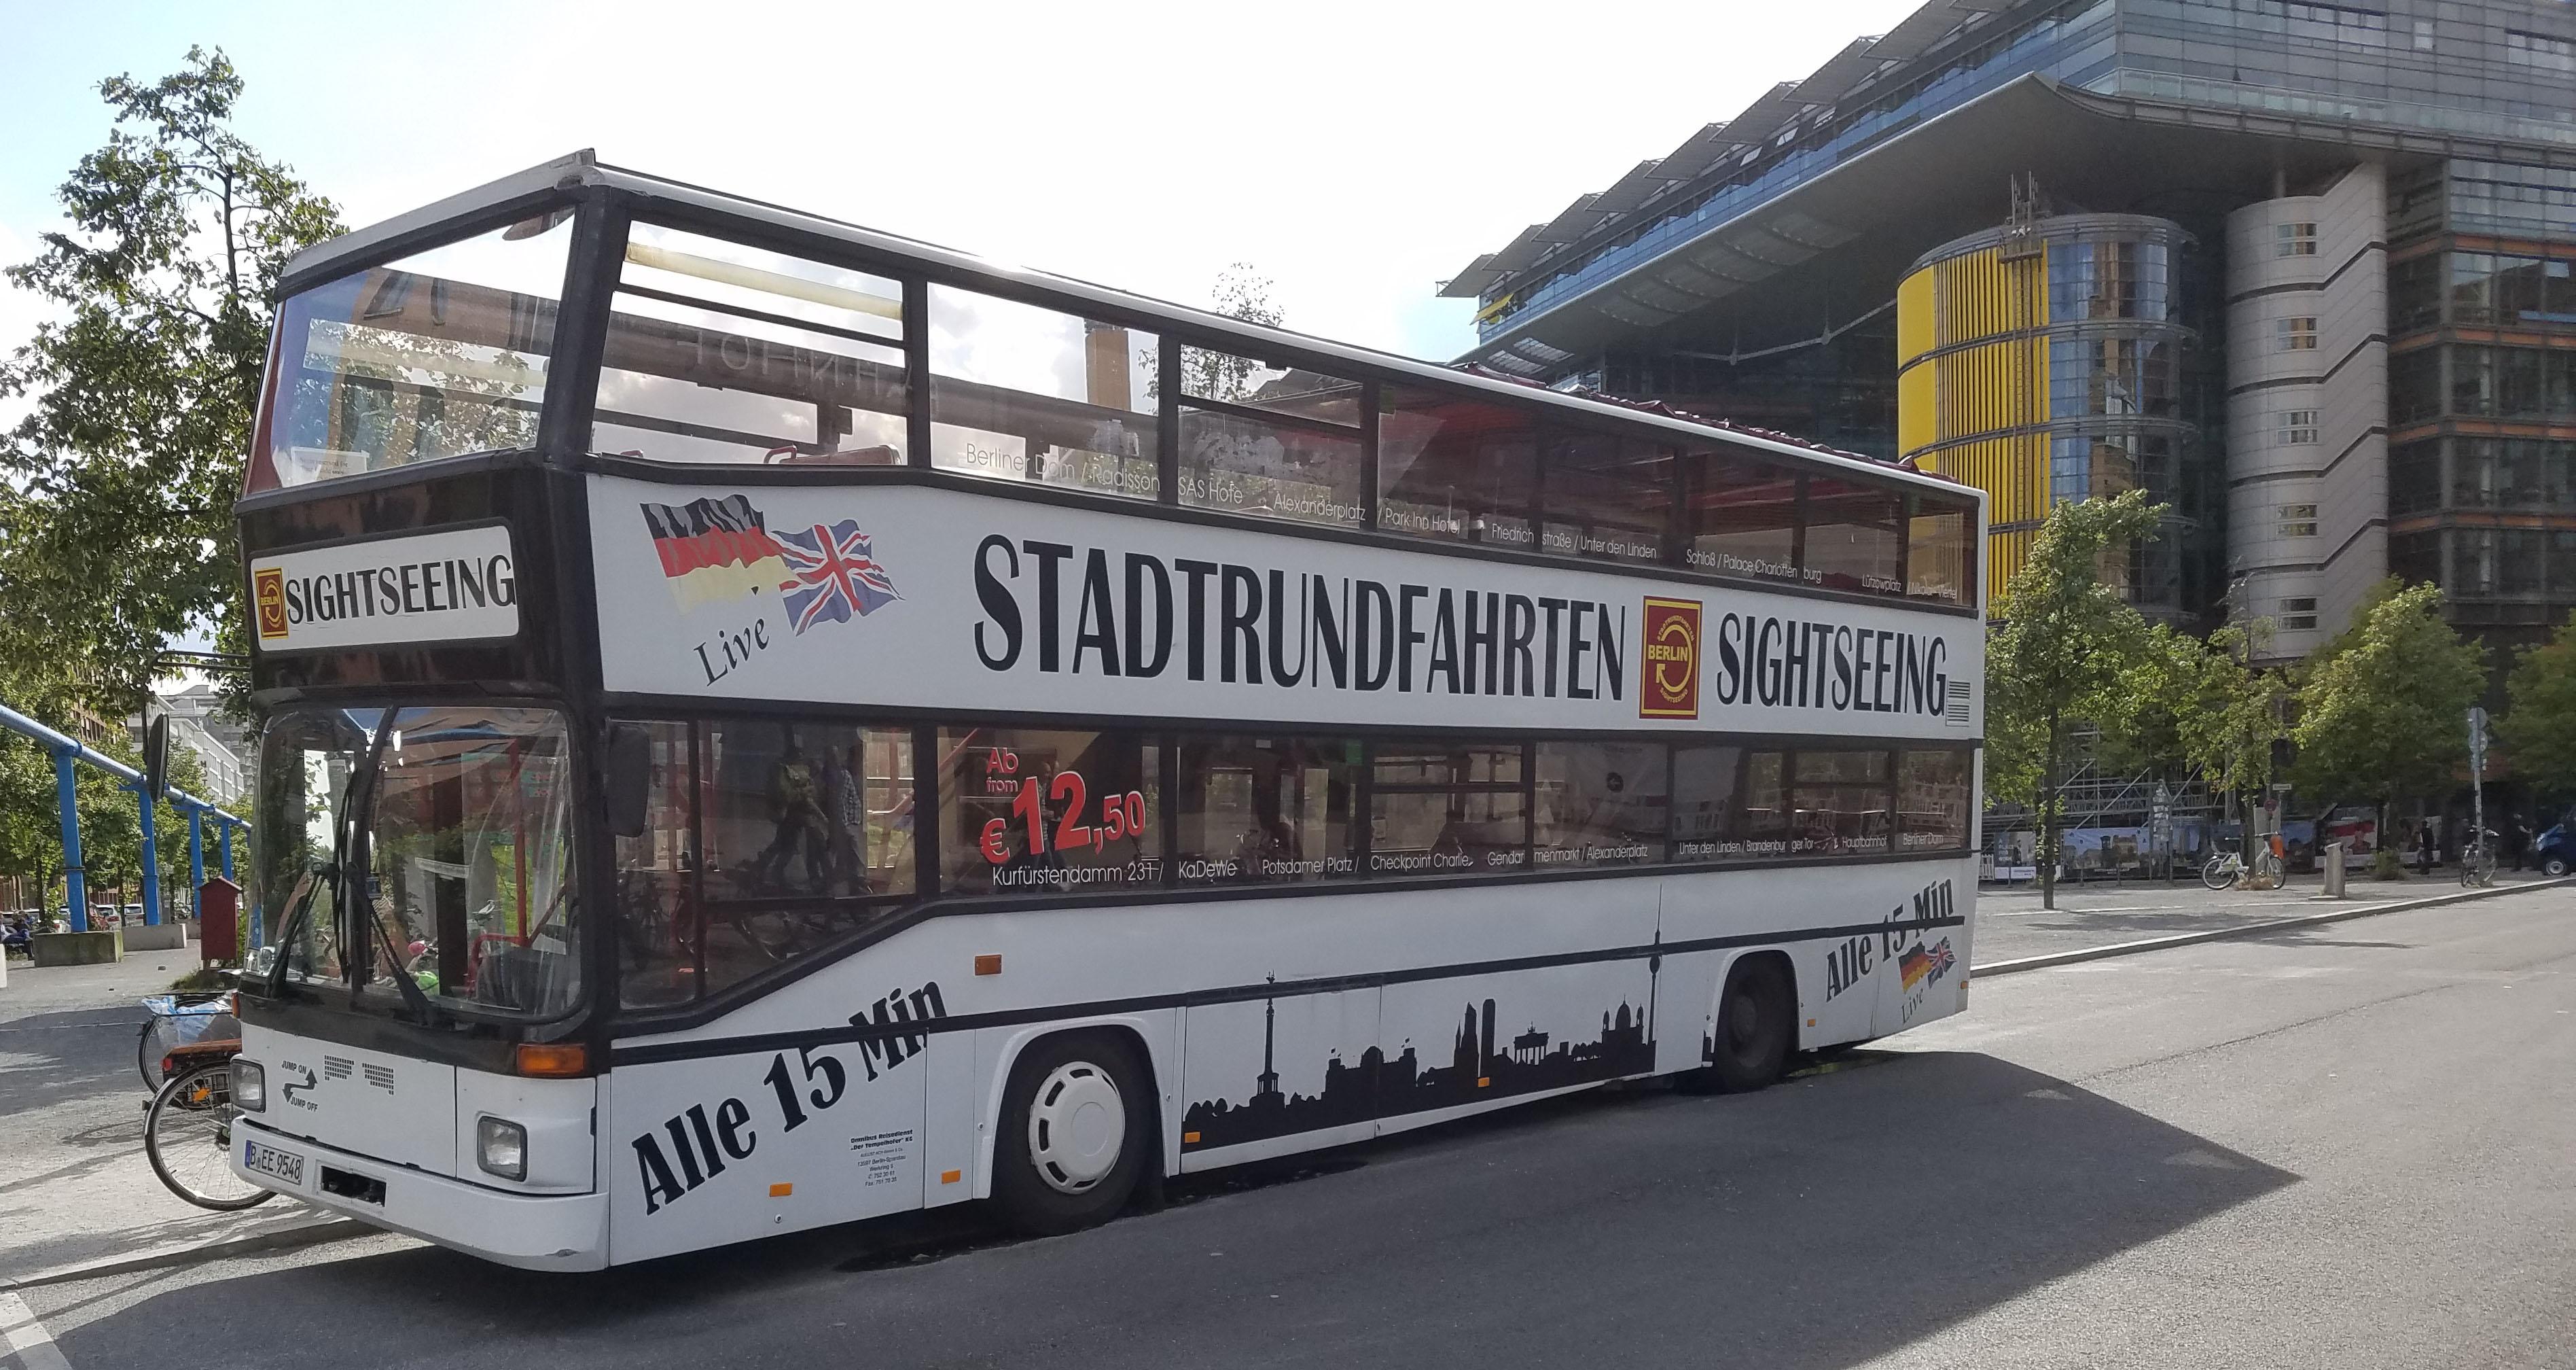 Foto: Bus 3939, Typ D92, Stadtrundfahrtbus B EE 9548, Berlin, September 2017